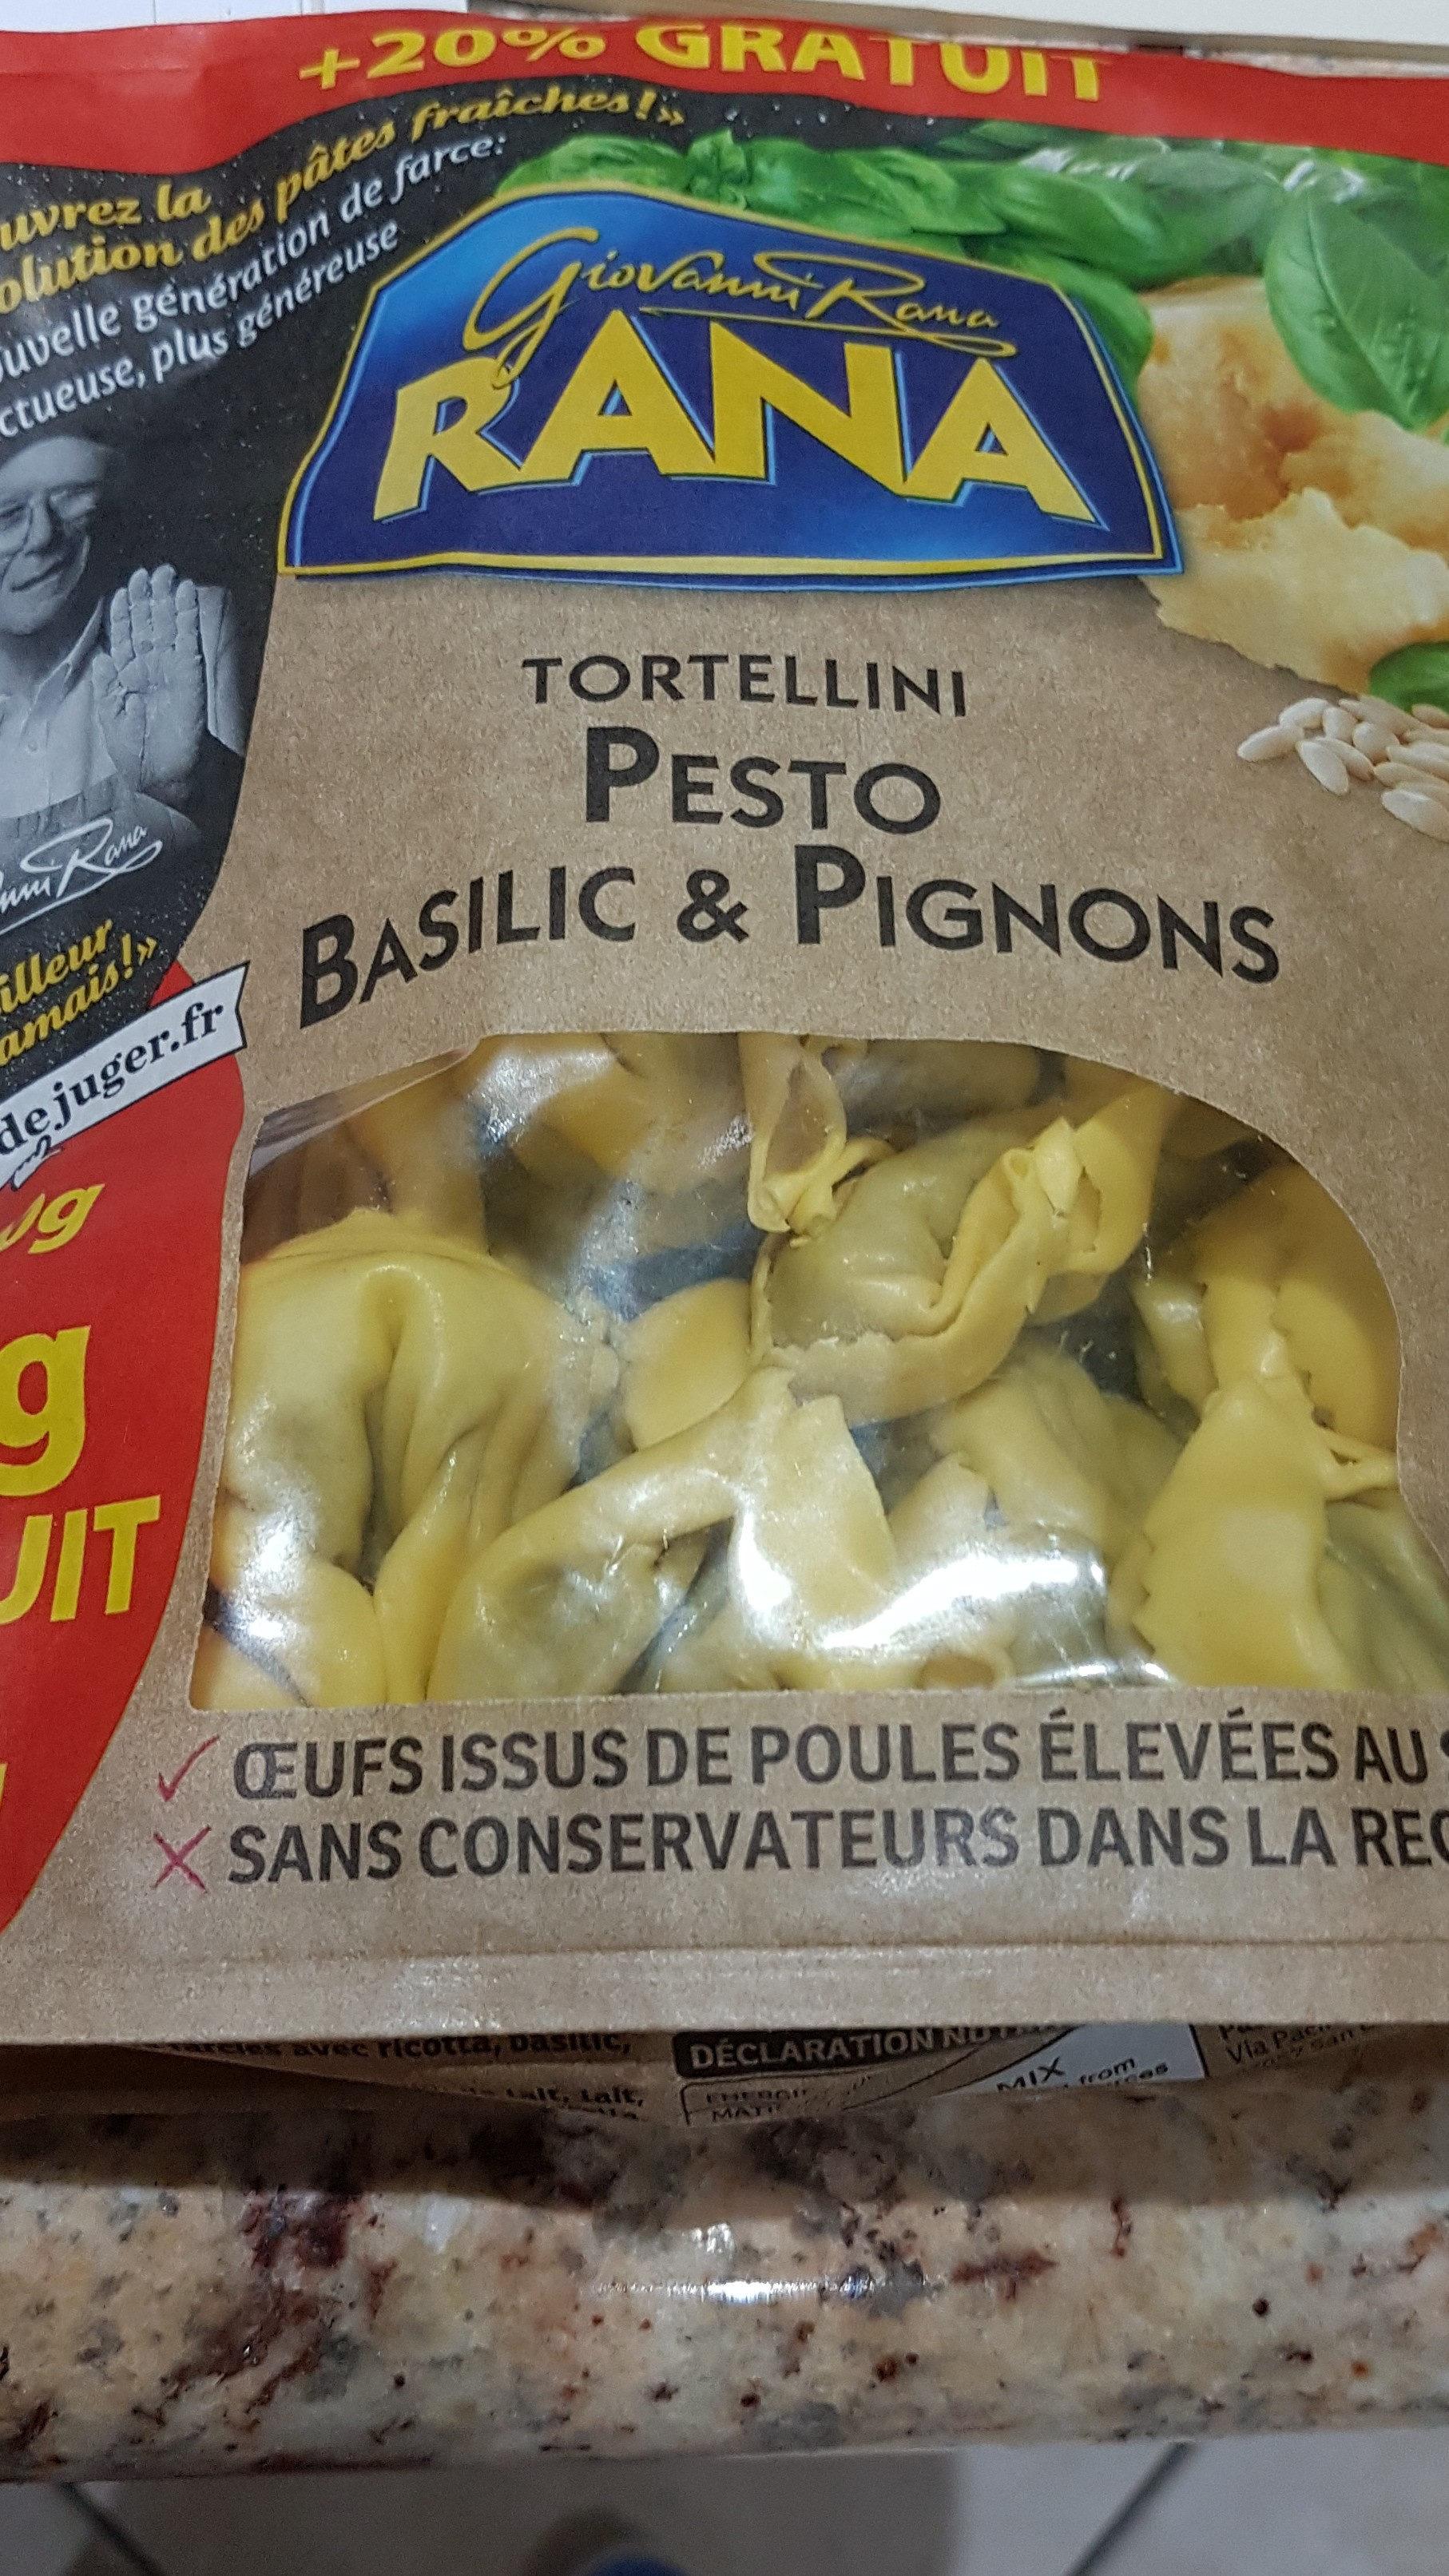 Tortellini Pesto Basilic & Pignons - Produit - fr